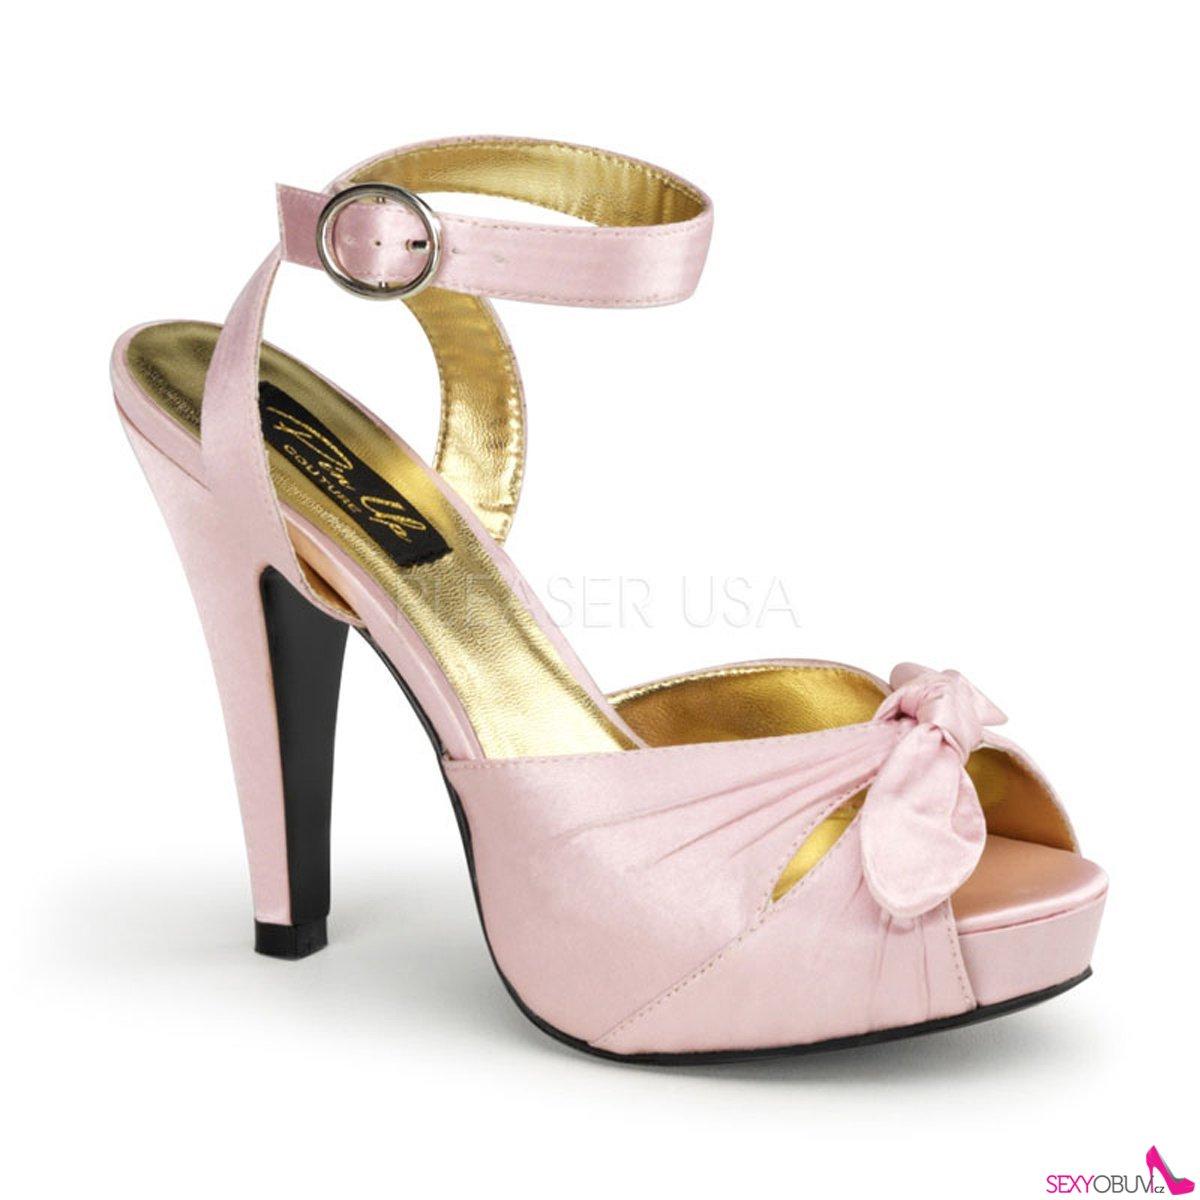 b42c737b0ab BETTIE-04 Růžové svatební a společenské boty na podpatku